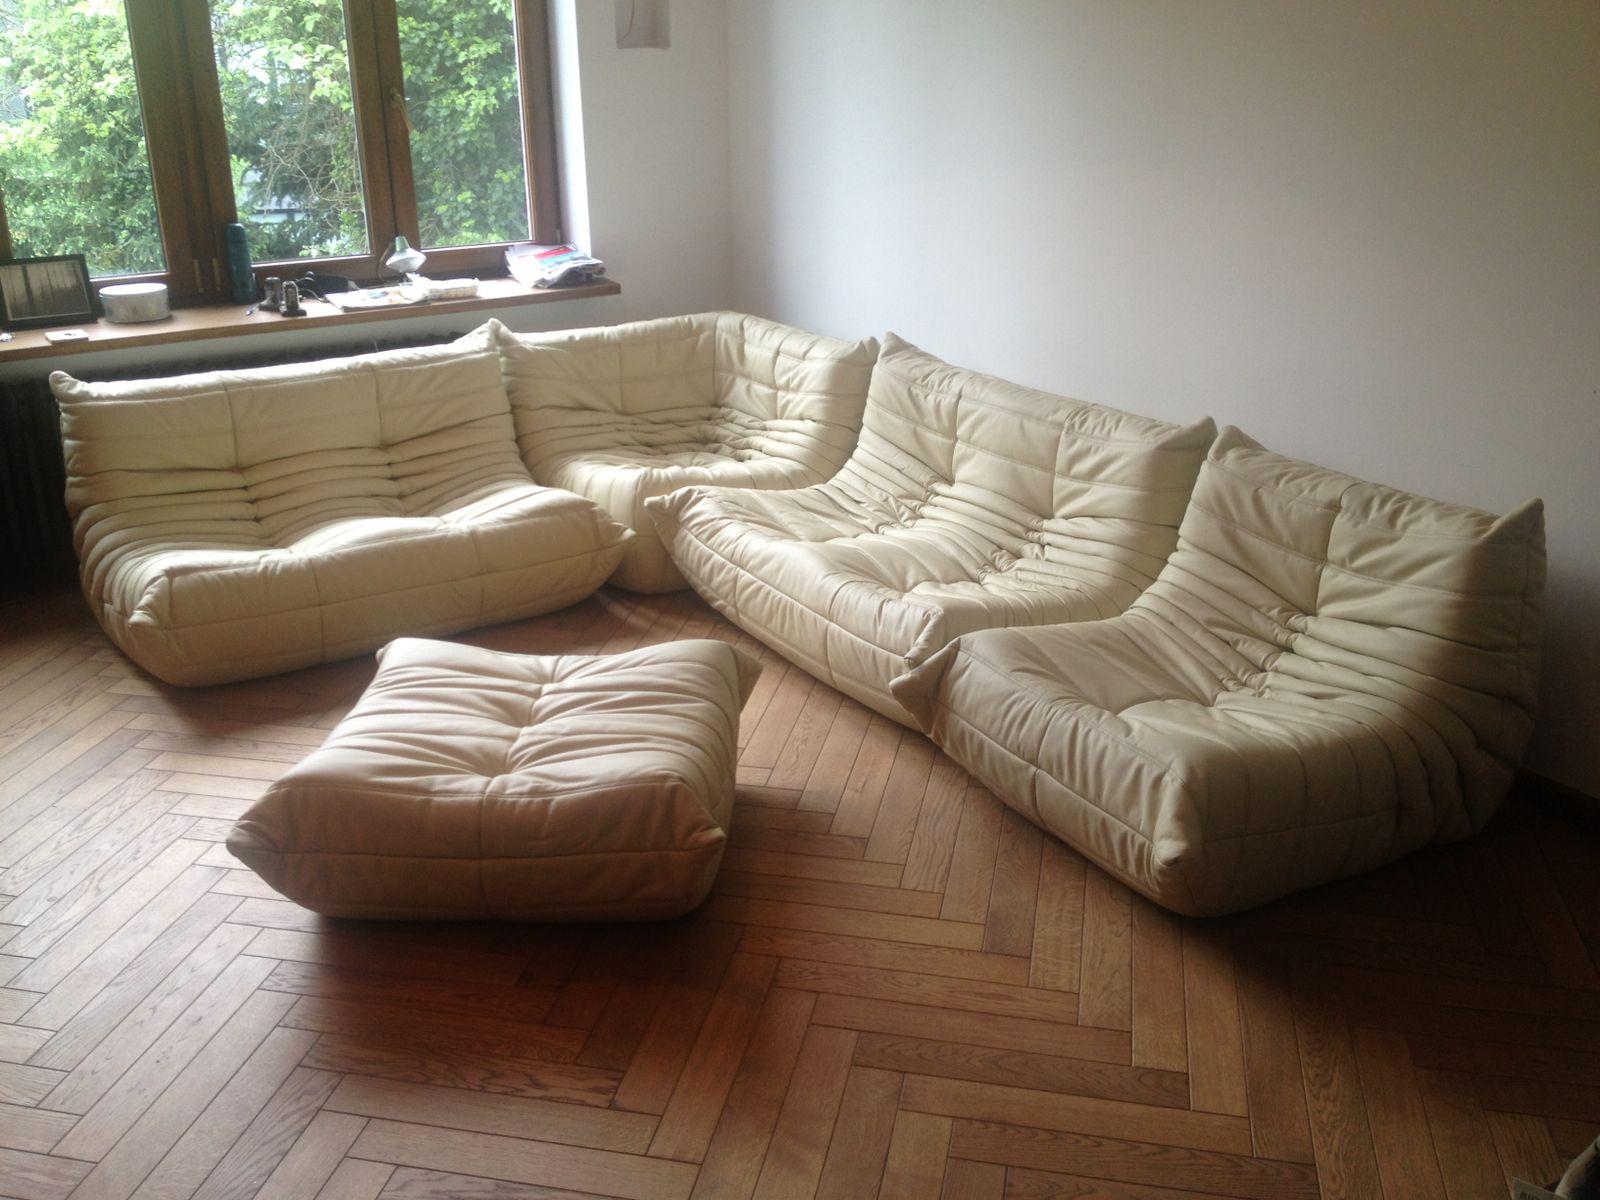 canap vintage togo beige en cuir par michel ducaroy pour ligne roset 1974 en vente sur pamono. Black Bedroom Furniture Sets. Home Design Ideas